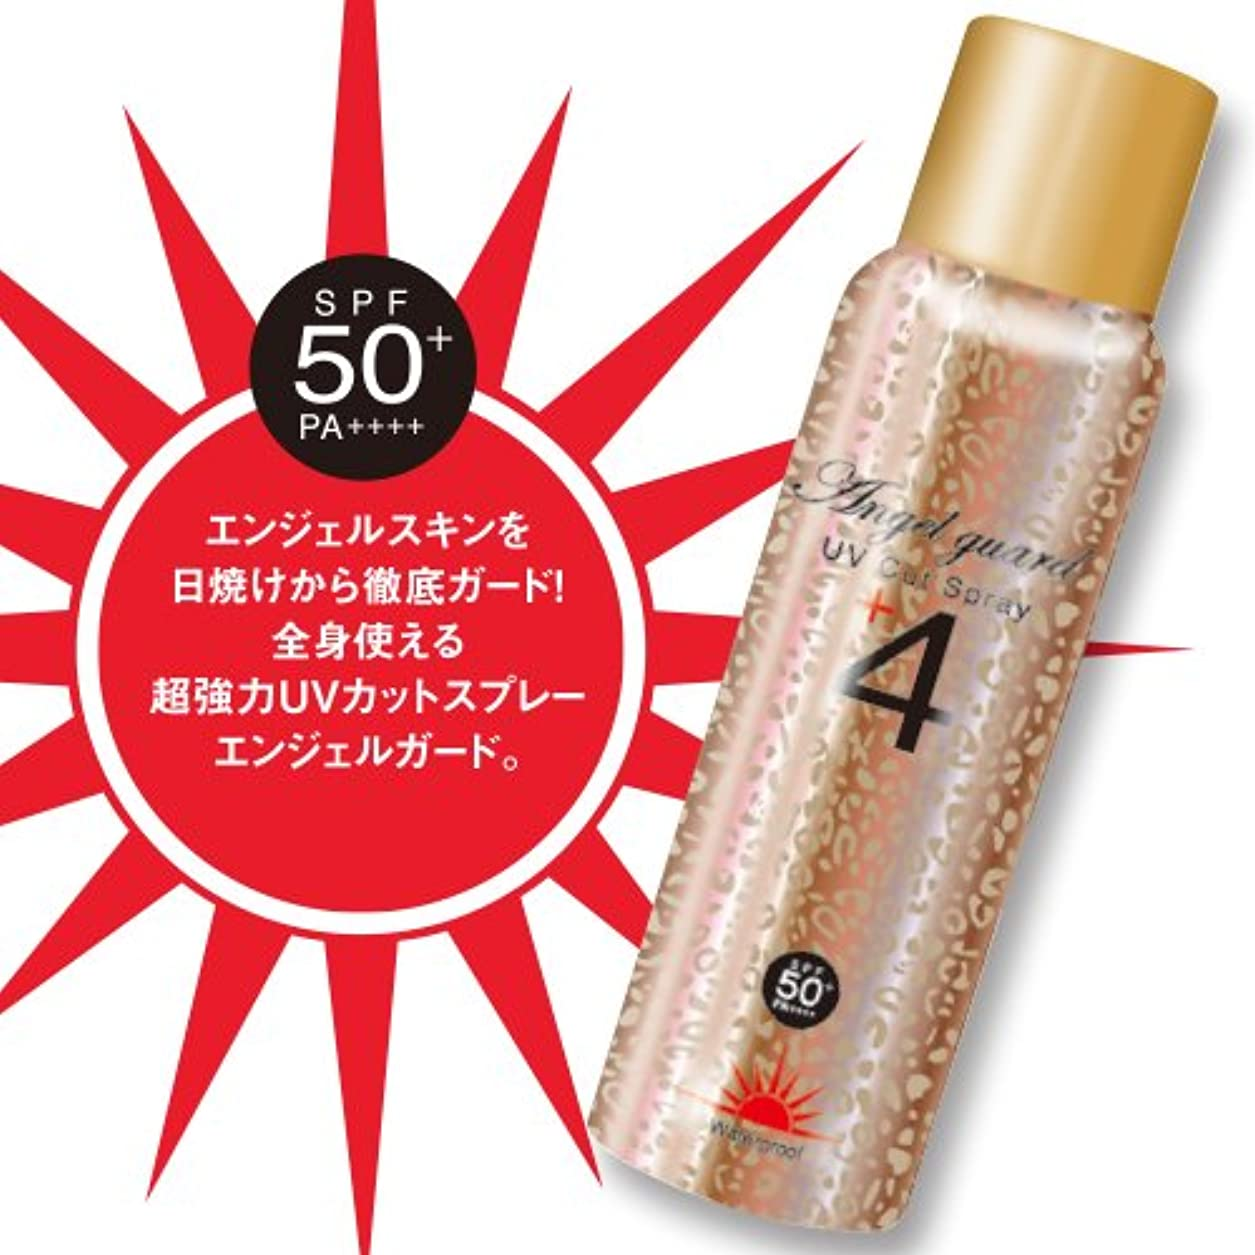 ゴムスキャンダル敵エンジェルガード UVカットスプレー 60g SPF50+ PA++++